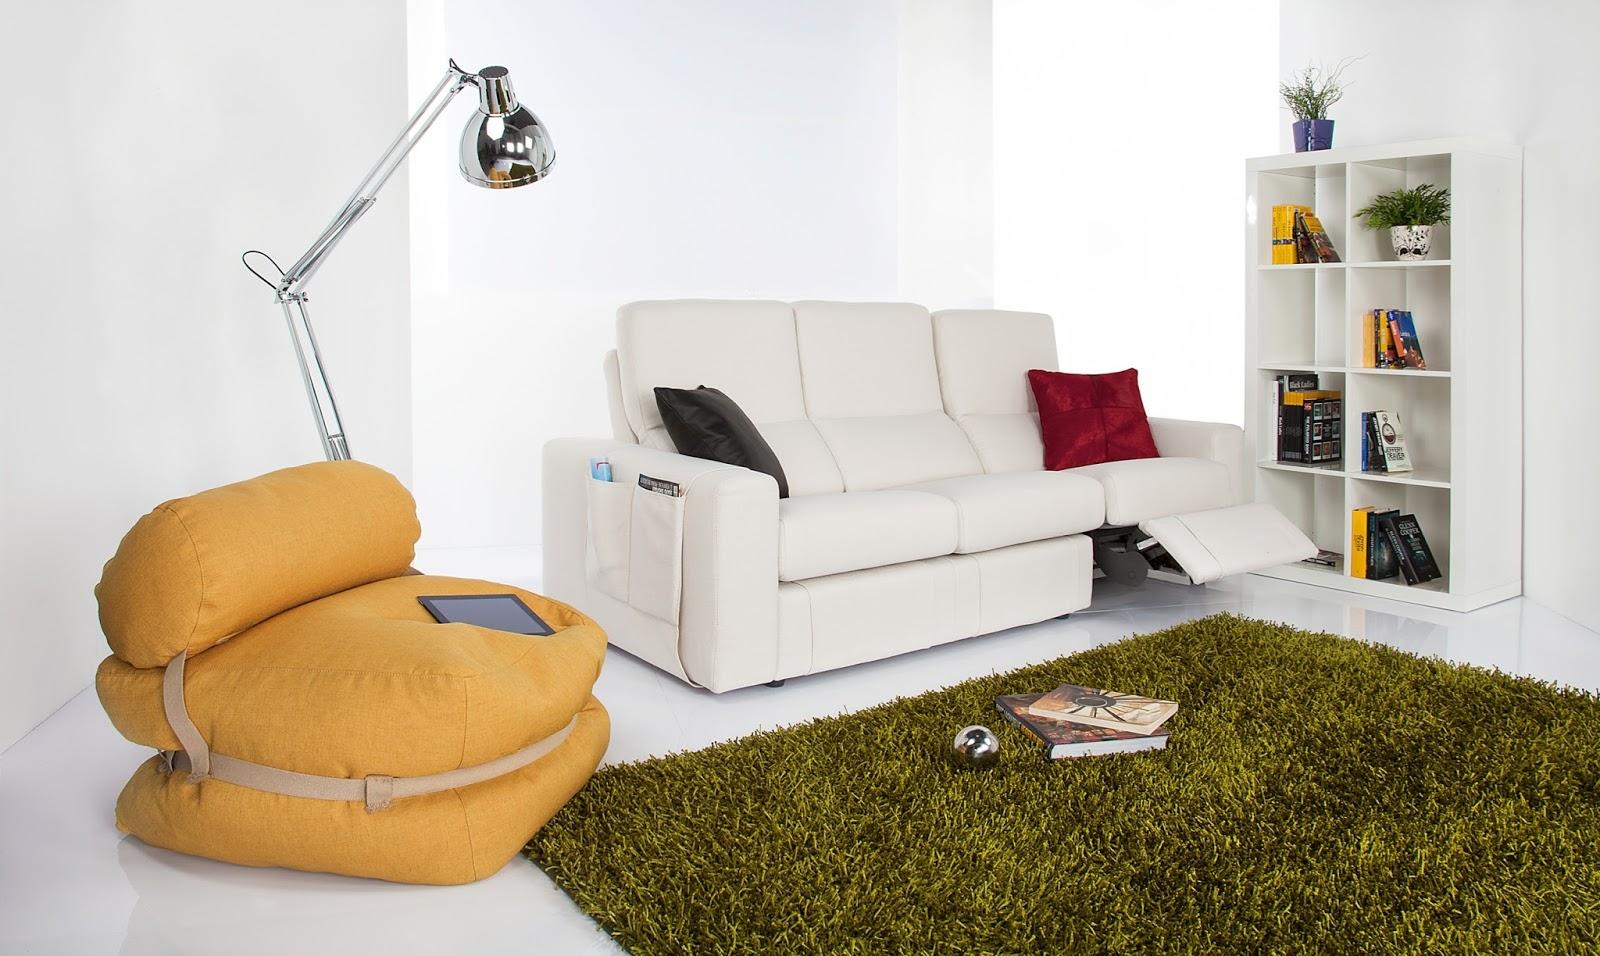 Divani e divani letto su misura divani relax angolari for Divani e divani poltrone relax prezzi